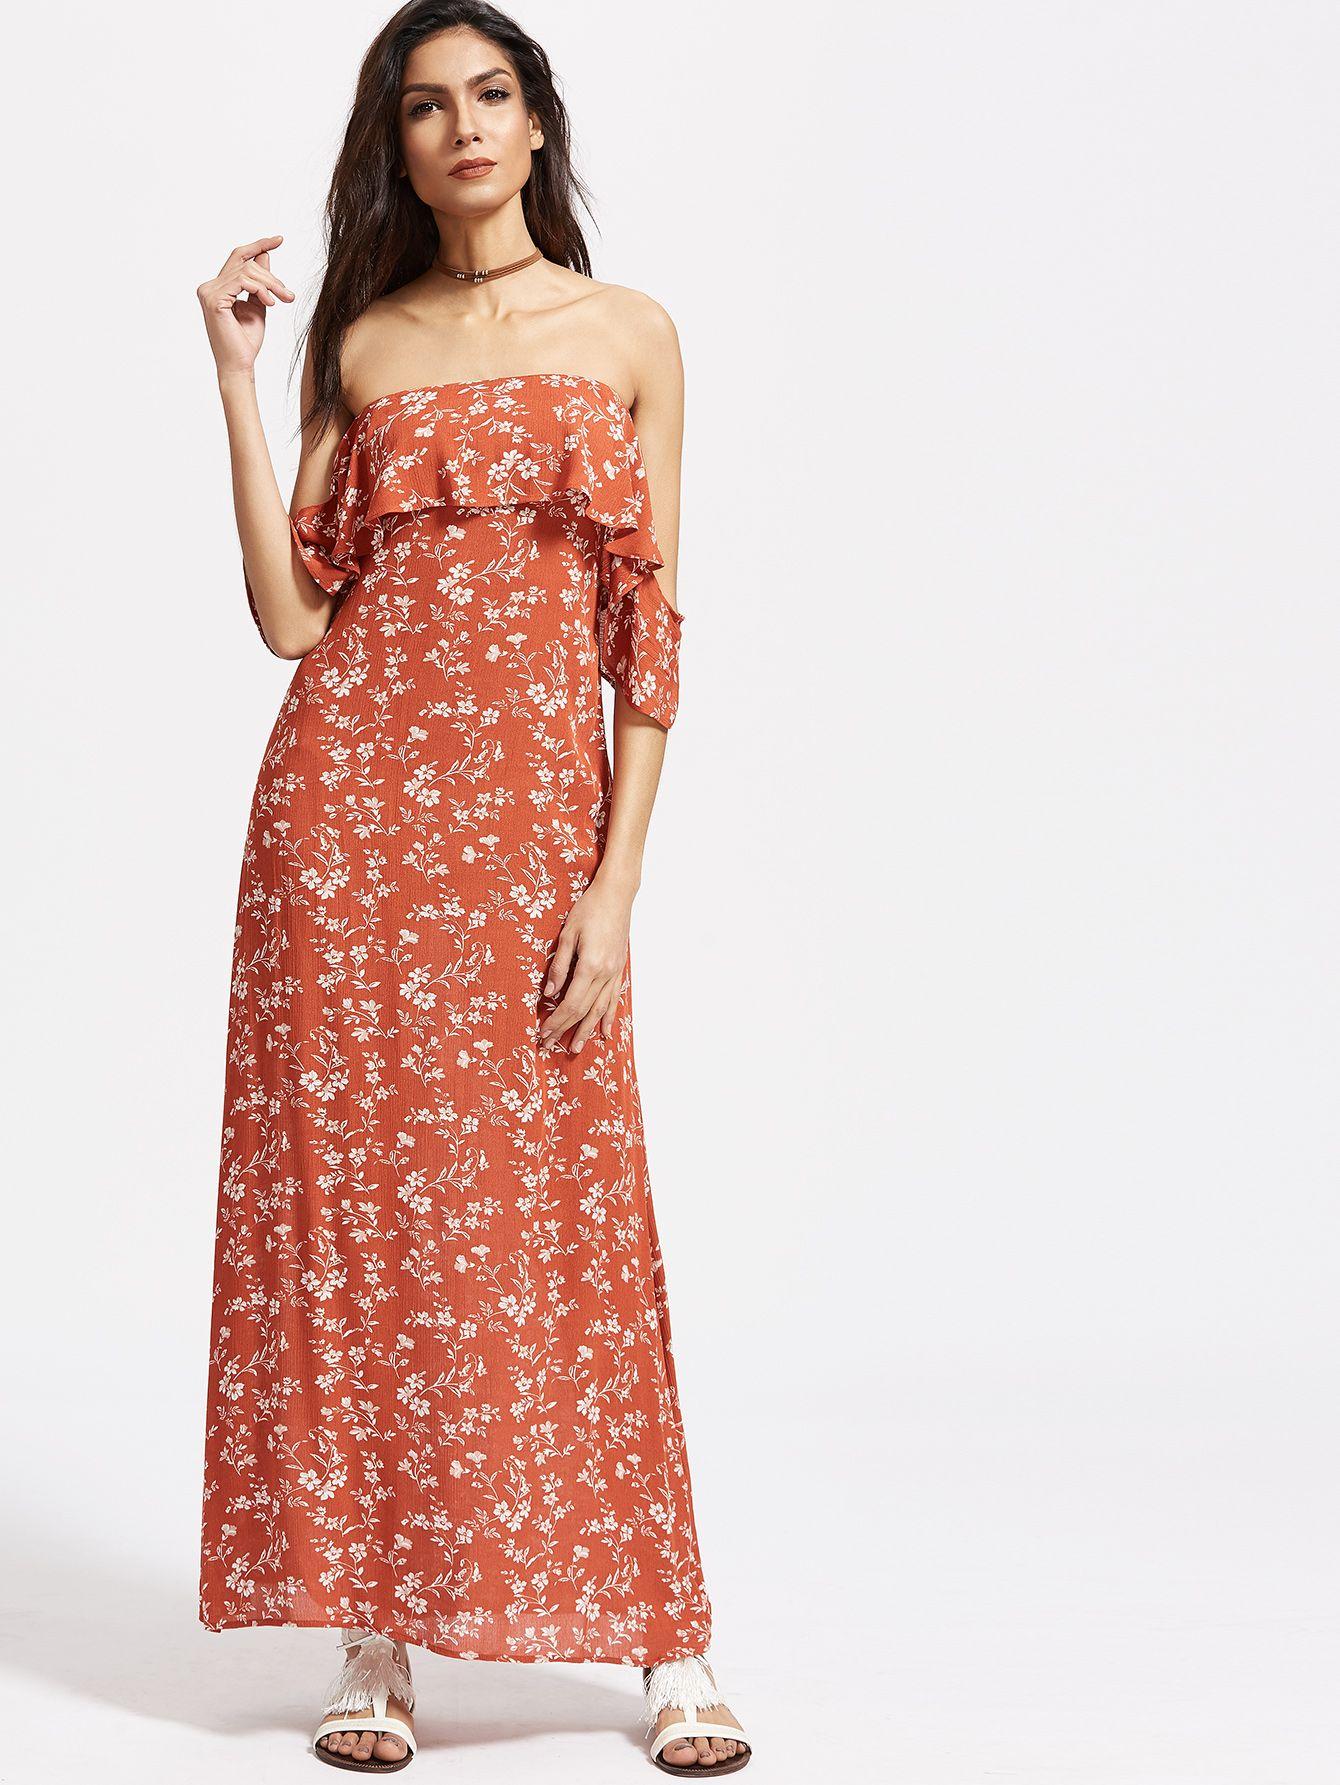 89568bde76 Vestido con estampado floral espalda con abertura hombro al aire con  volantes-(Sheinside)